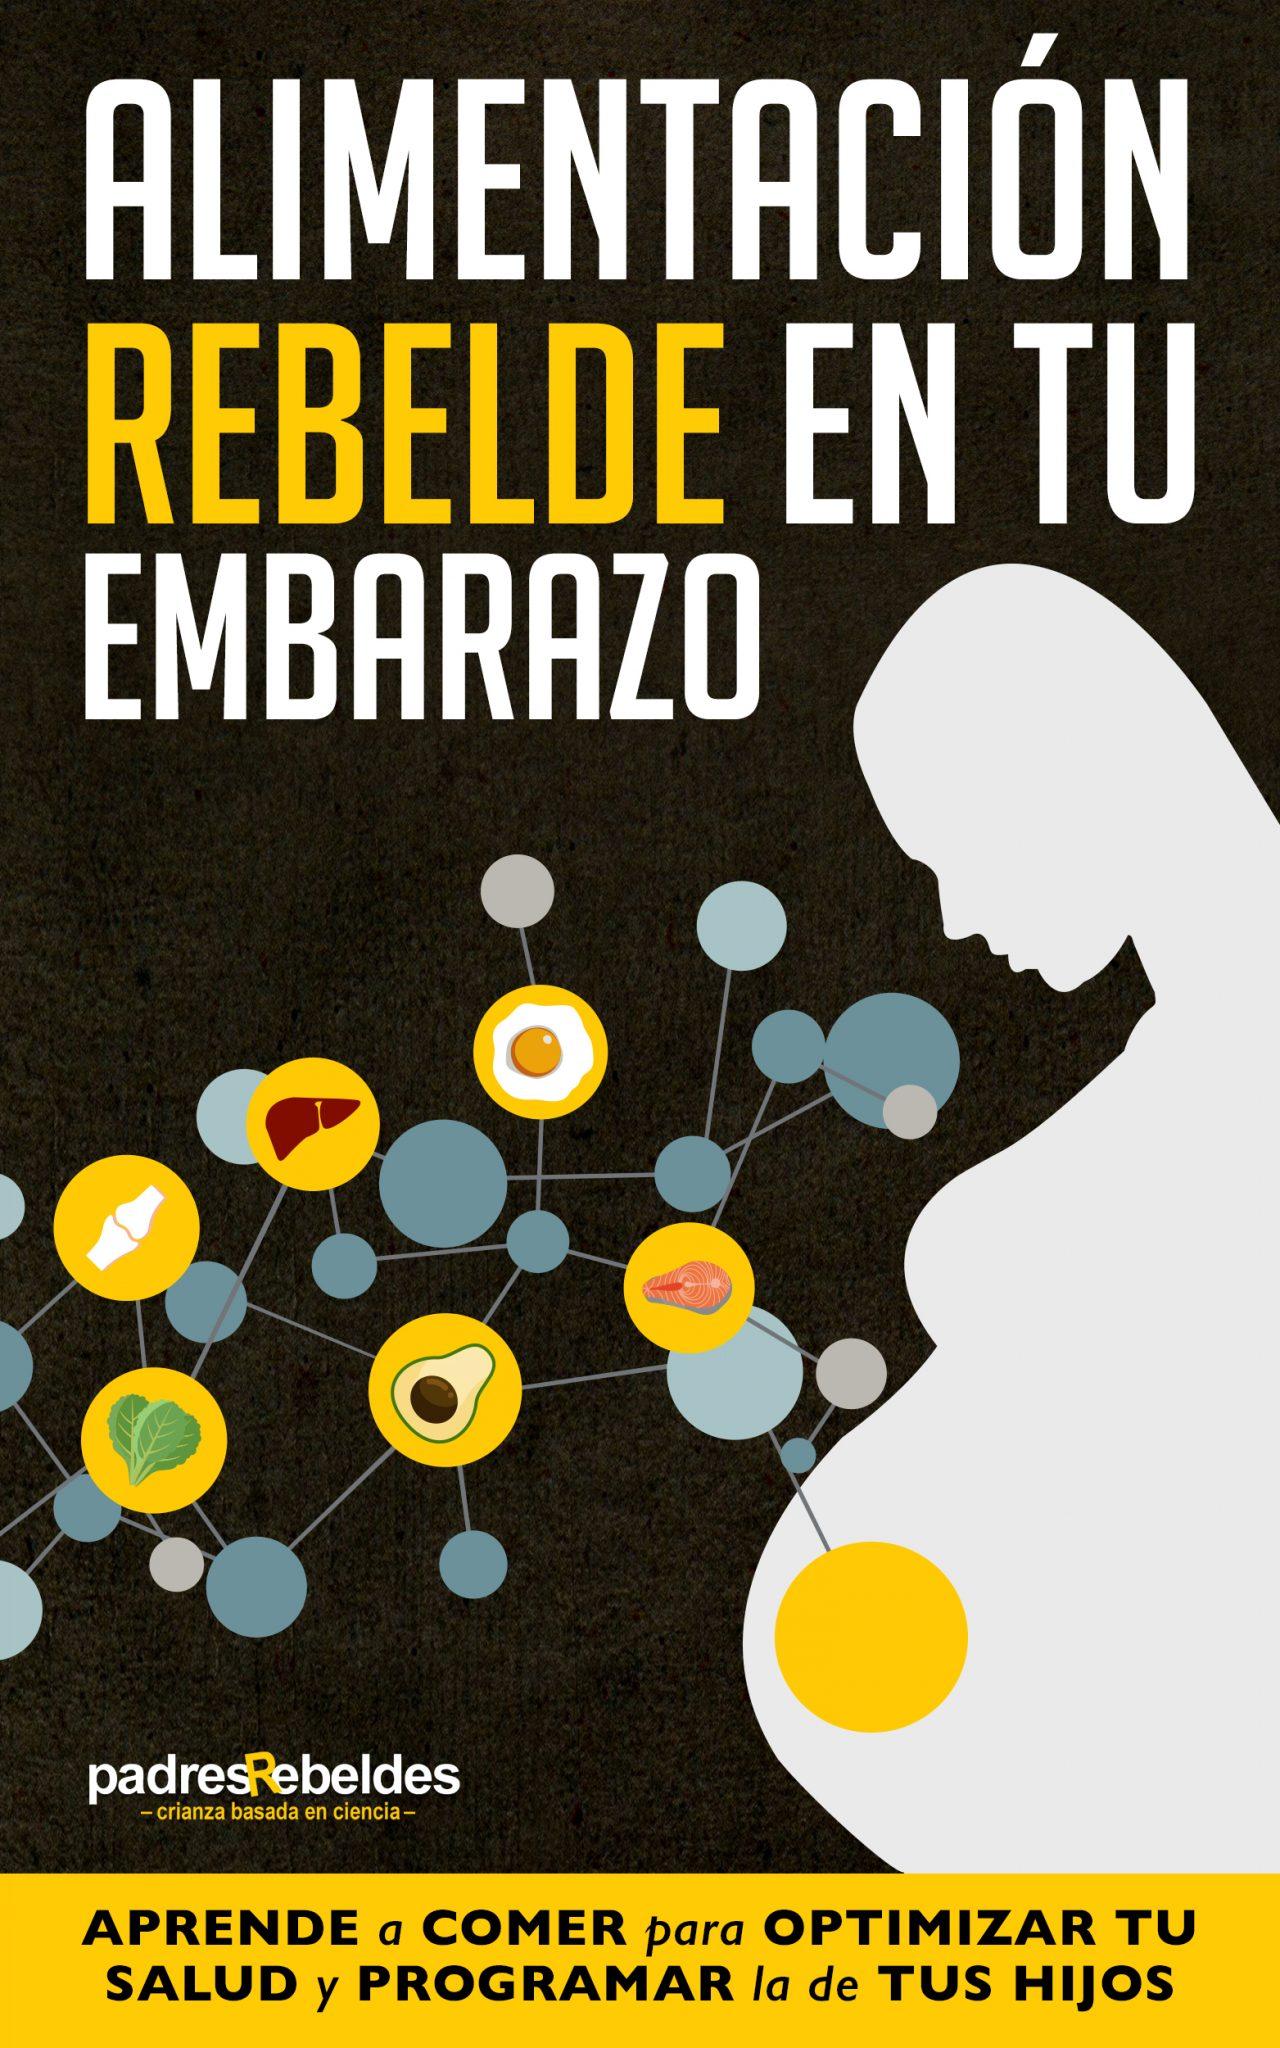 Alimentacion rebelde embarazo - libro principal